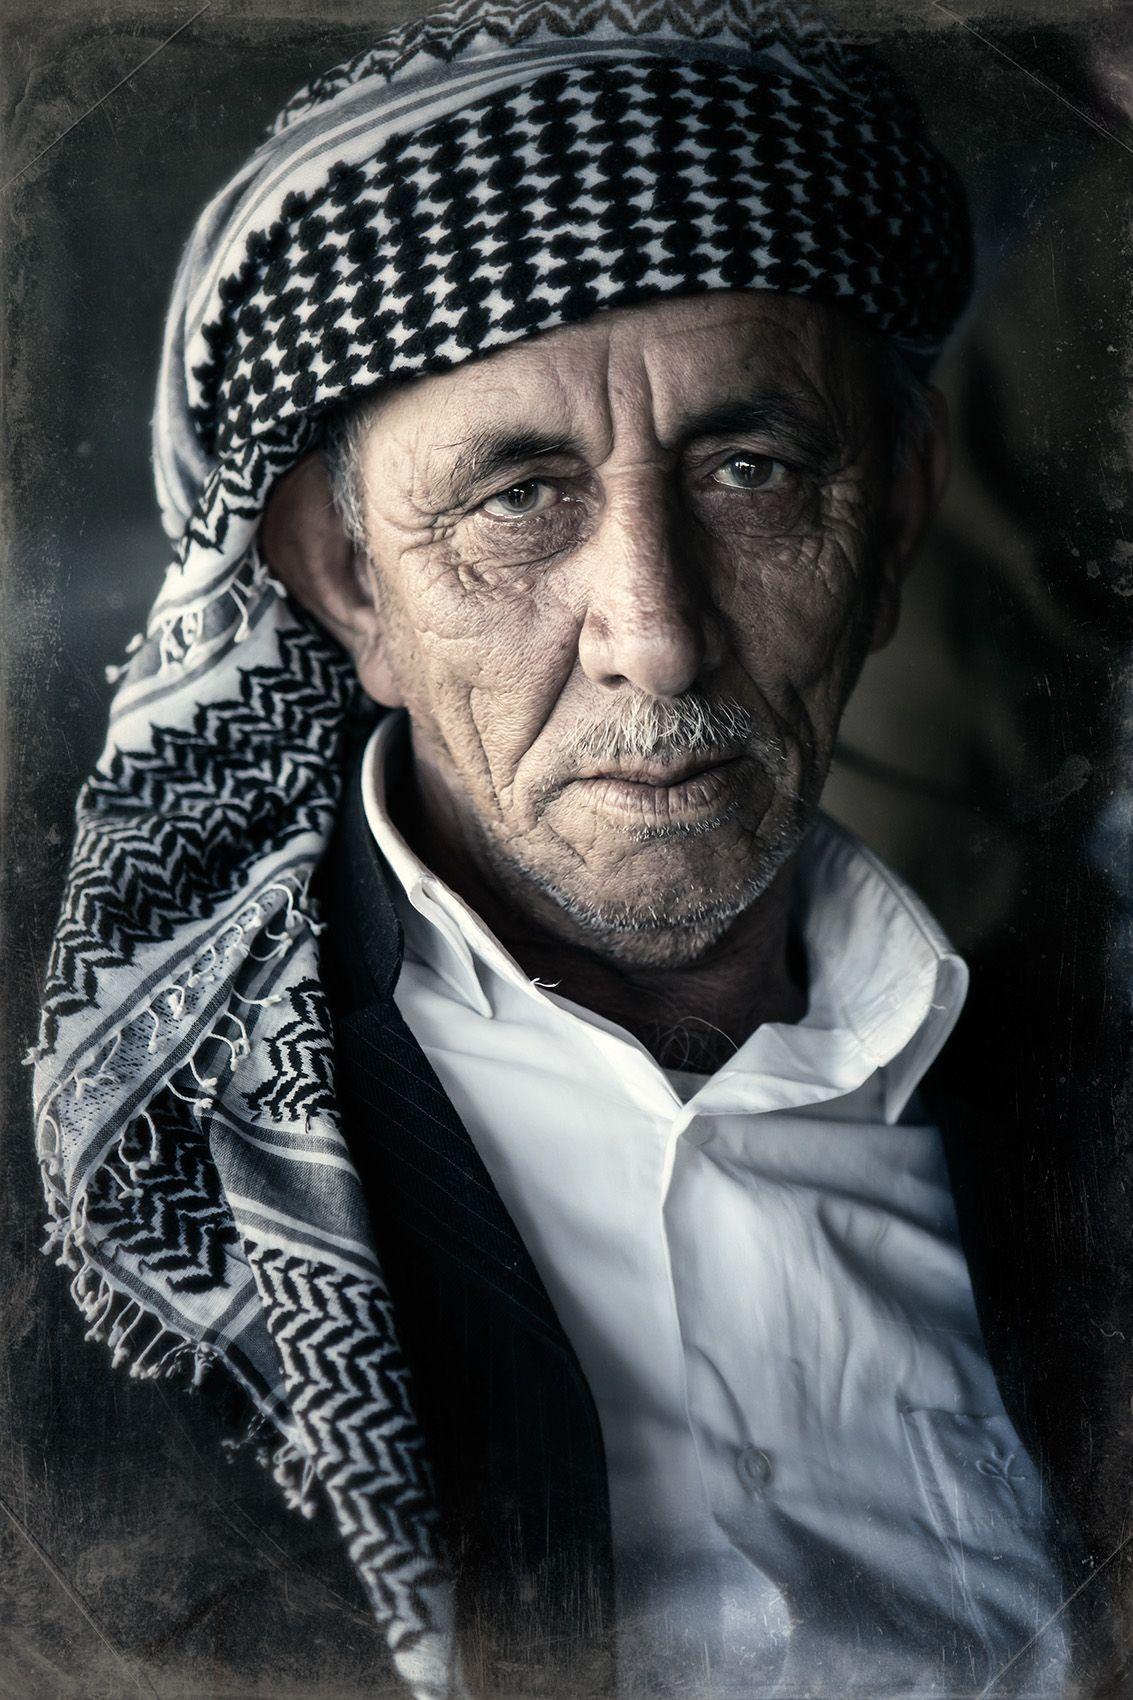 Kurds1 3 Nov 2016 - LB8.jpg